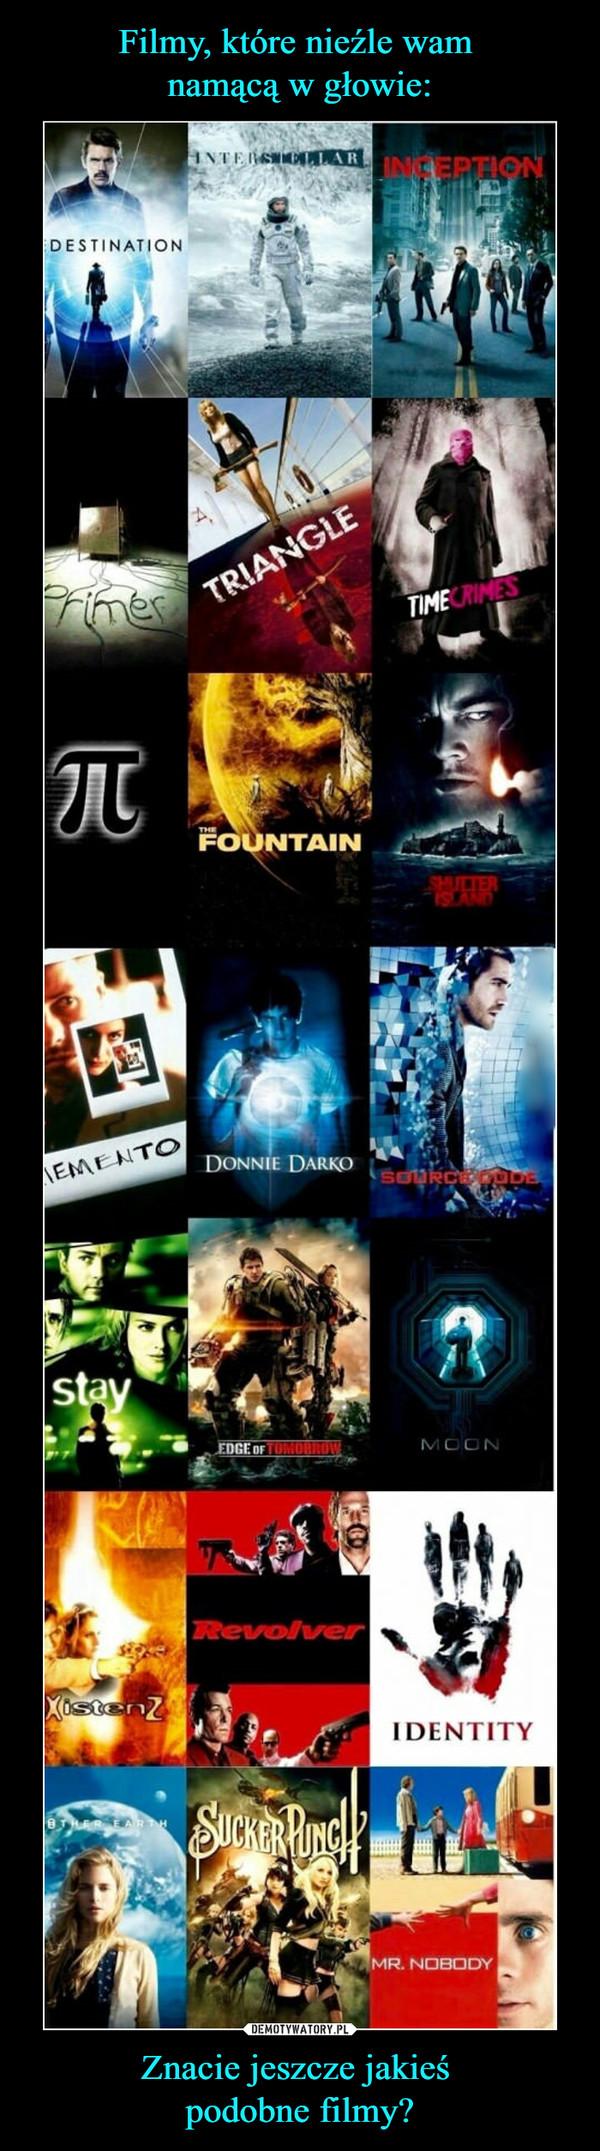 Znacie jeszcze jakieś podobne filmy? –